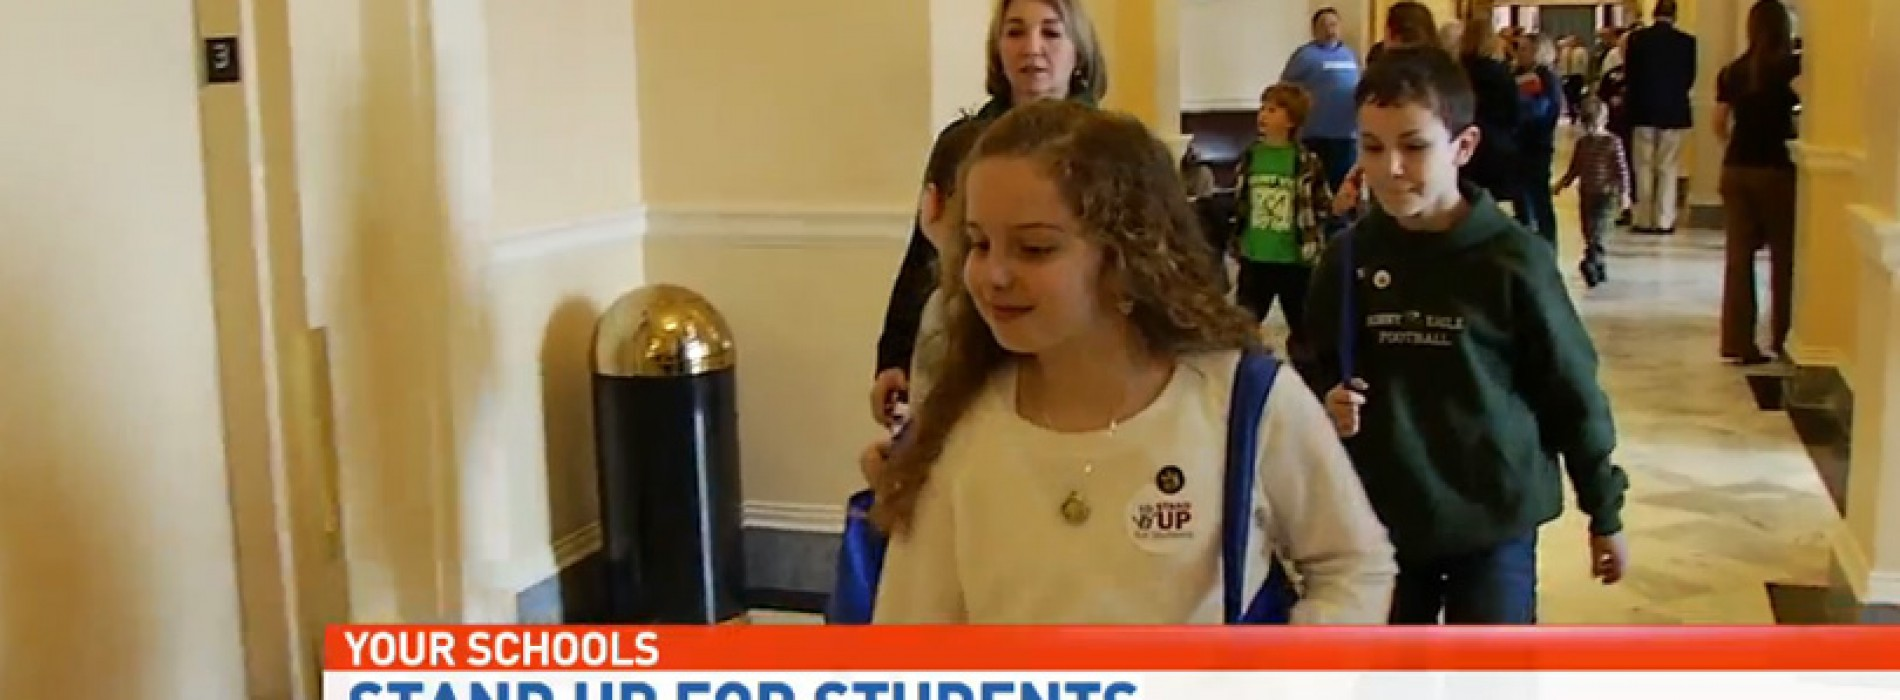 Maine kids and teachers lobby legislators on school funding gap